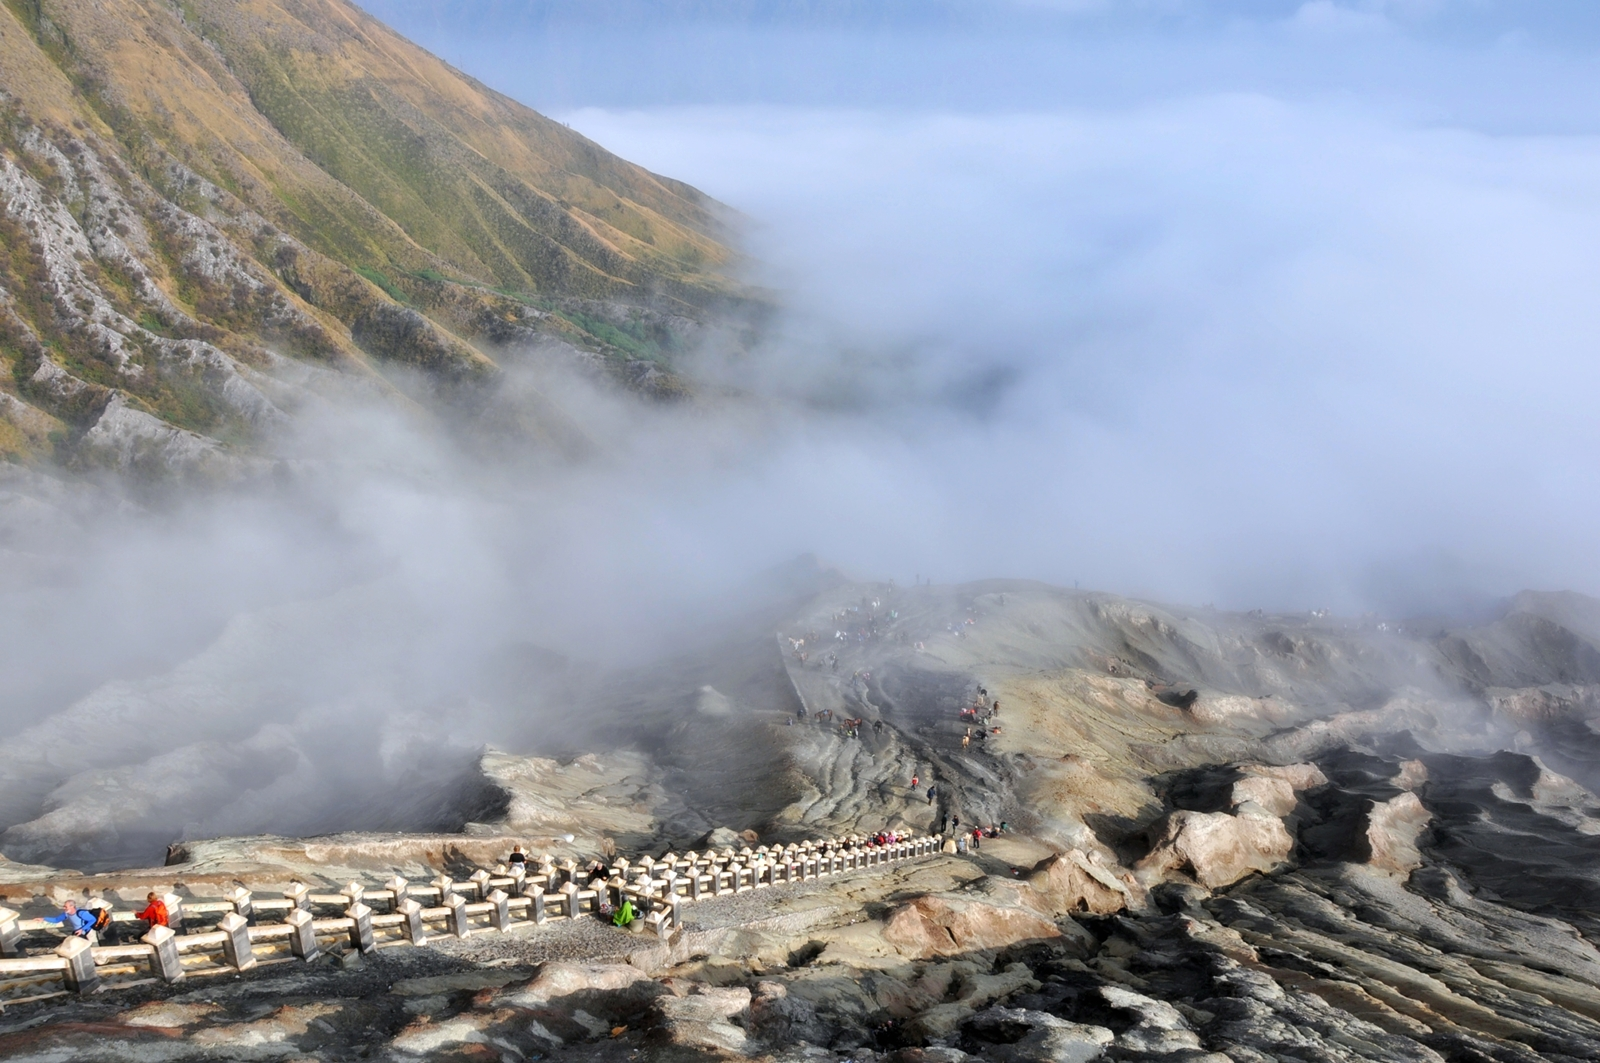 Национальный парк Бромо-Тенггер-Семеру, дорога к кратеру вулкана